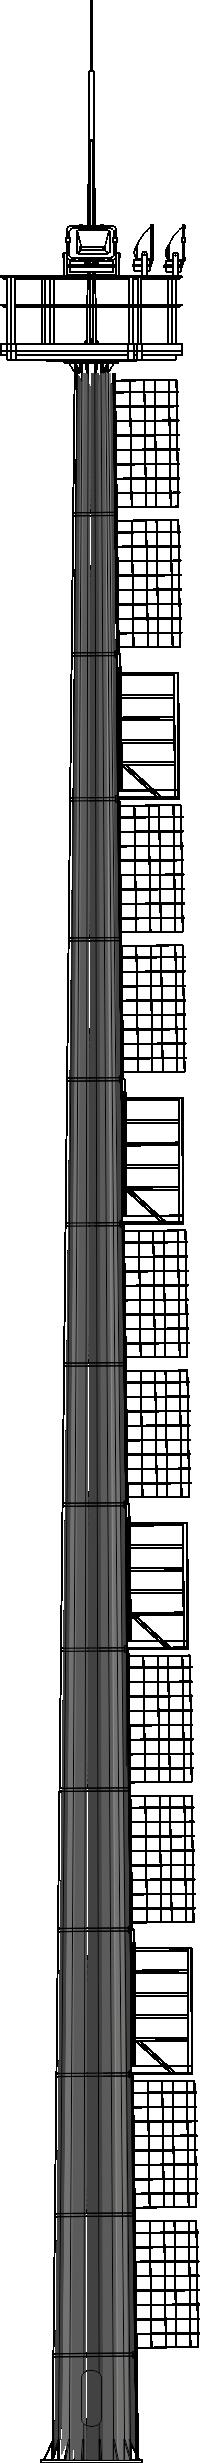 Молниеотводы на базе высокомачтовой опоры освещения со стационарной короной (ВГН)